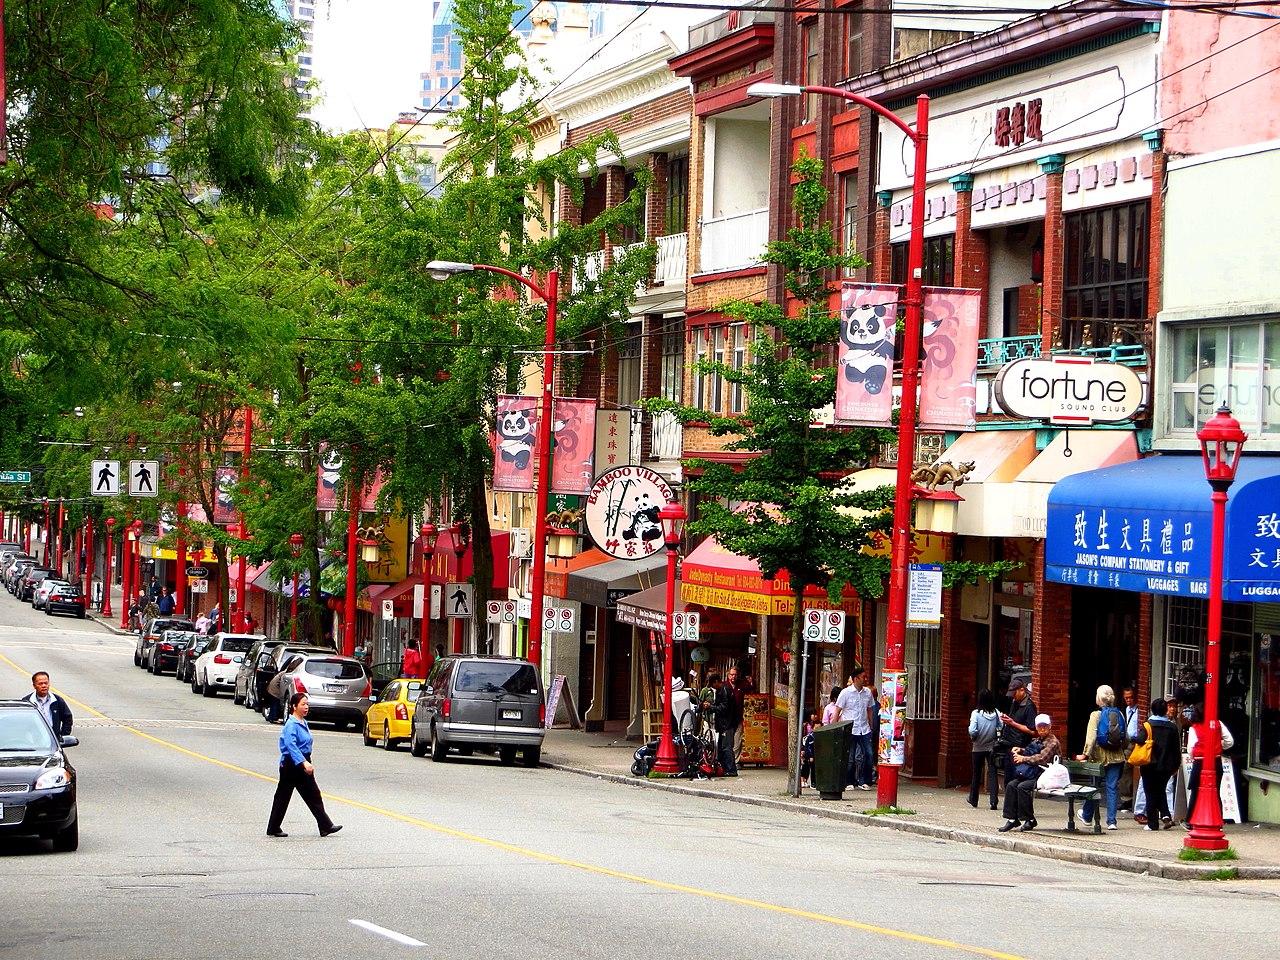 開放移民的後遺症,溫哥華中國人數激增,房價飆升為加拿大之最。(示意圖/截取自維基百科)